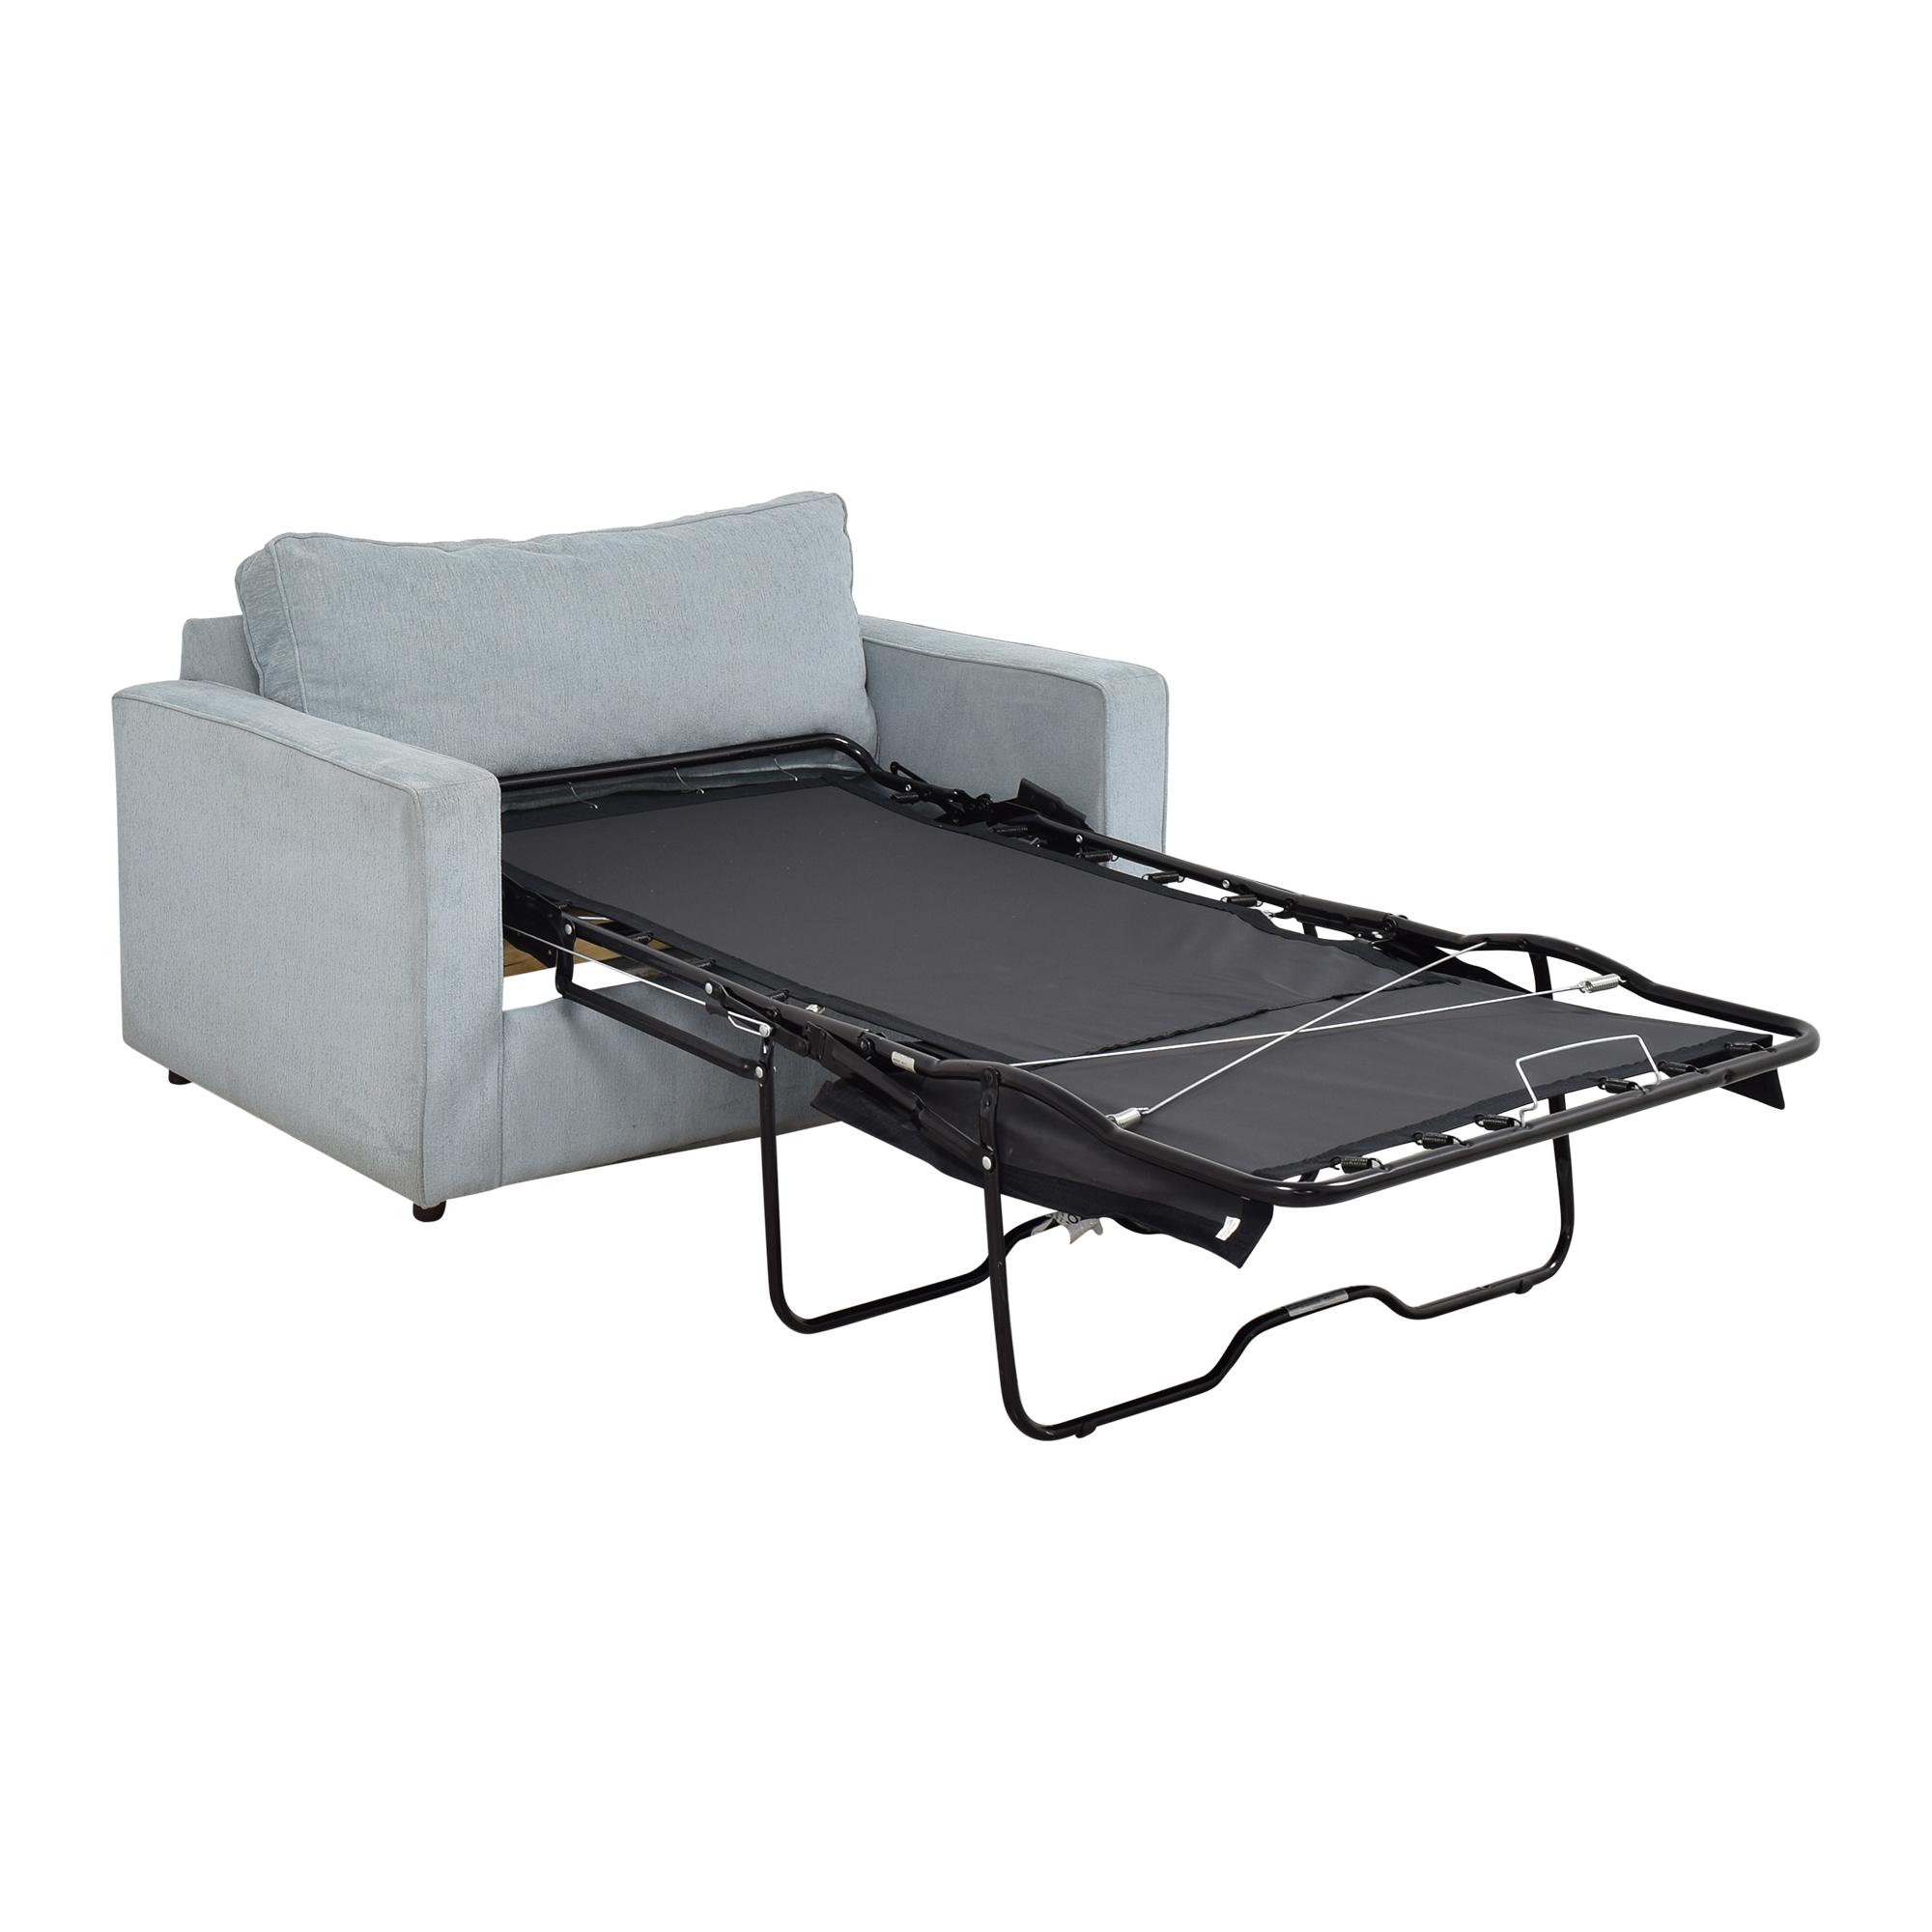 Arhaus Arhaus Filmore Twin Sleeper Chair for sale